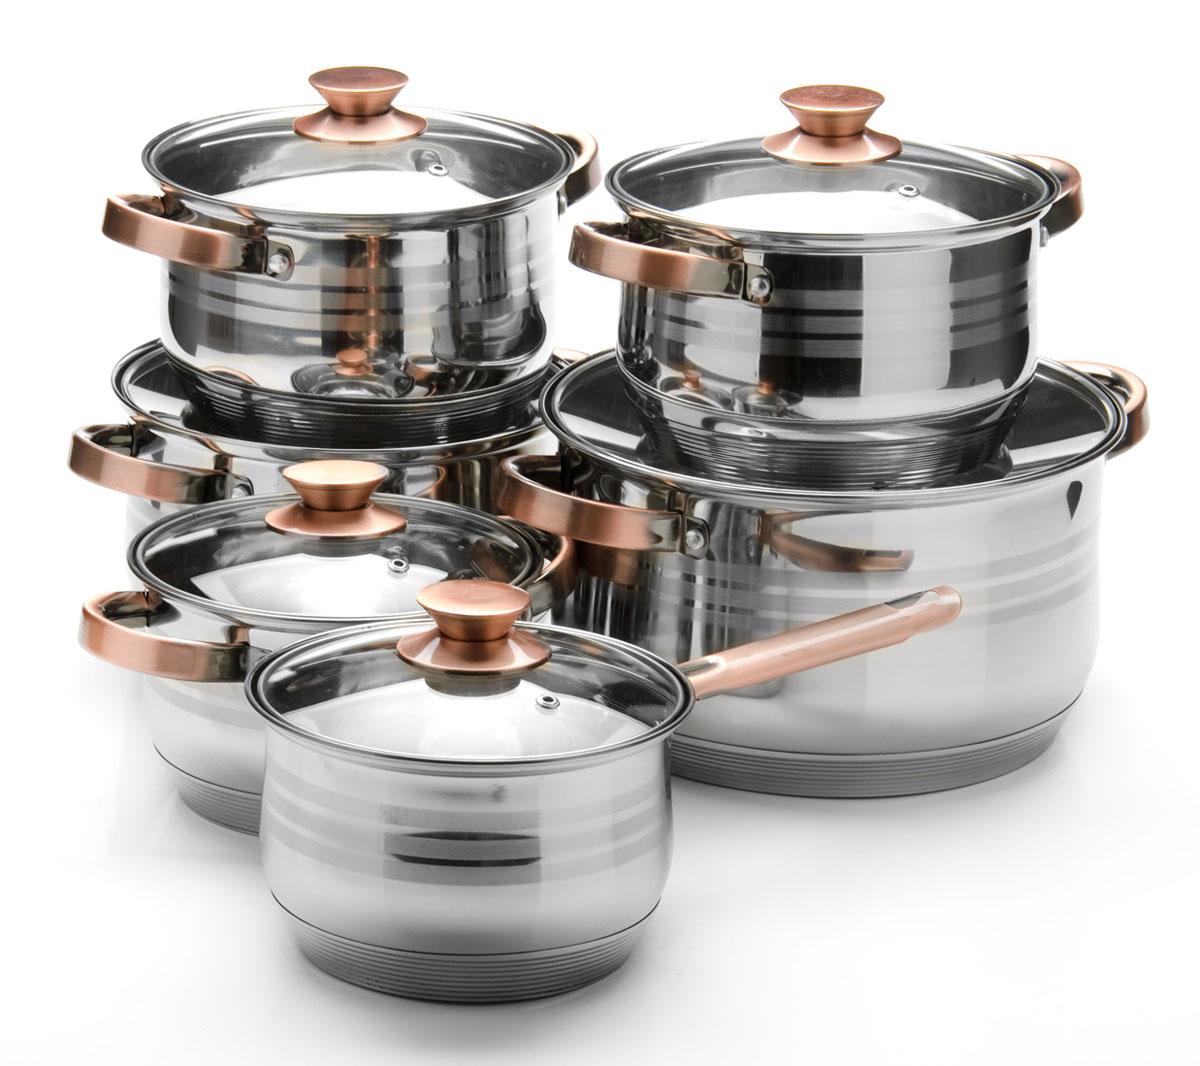 Набор посуды Mayer & Boch, 12 предметов. 2604326043Набор посуды станет отличным дополнением к набору кухонной утвари. С его приобретением приготовление ваших любимых блюд перейдет на качественно новый уровень и вы сможете воплотить в жизнь любые кулинарные идеи. В комплект входят 12 предметов: сотейник (объем 2,1 л), 3 кастрюли (объем 2,1, 6,6, 8 л) и 2 кастрюли (объем 2,9 л), 6 крышек. Набор многофункционален и удобен в использовании, подойдет для варки супов, приготовления блюд из мяса и рыбы, гарниров, соусов т. д.